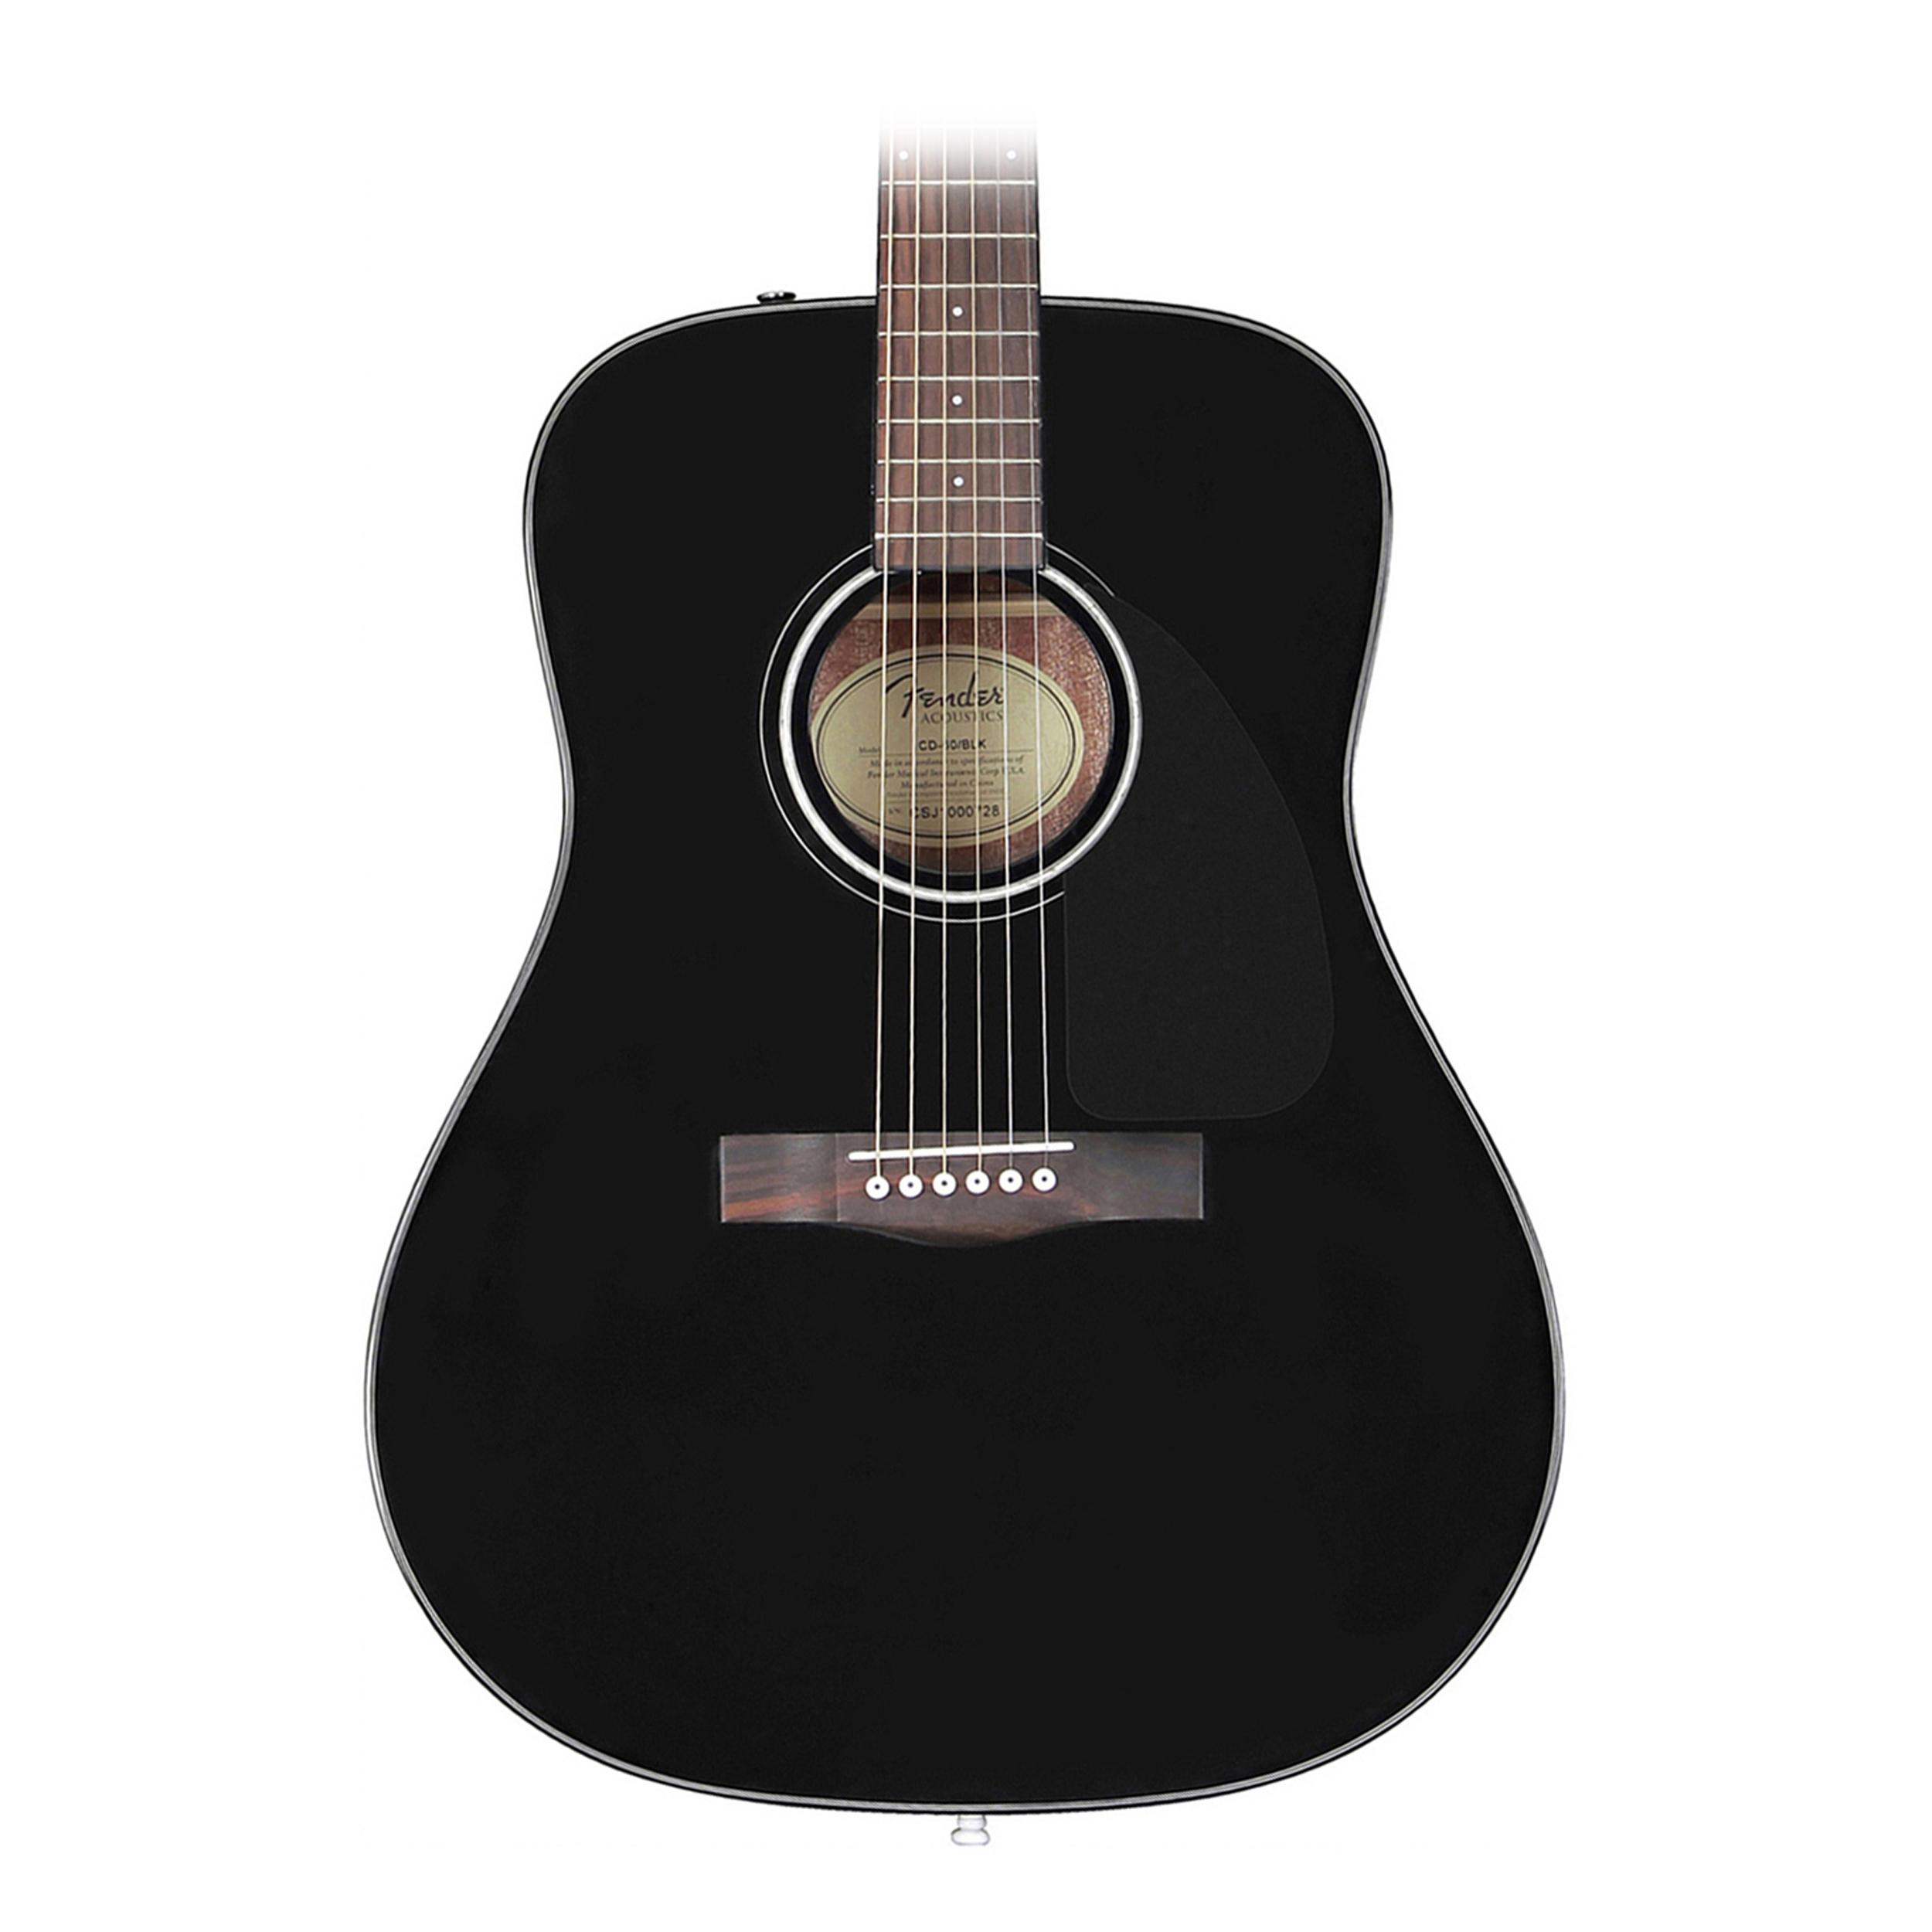 fender cd60 acoustic dreadnought black guitar 717669961787 ebay. Black Bedroom Furniture Sets. Home Design Ideas